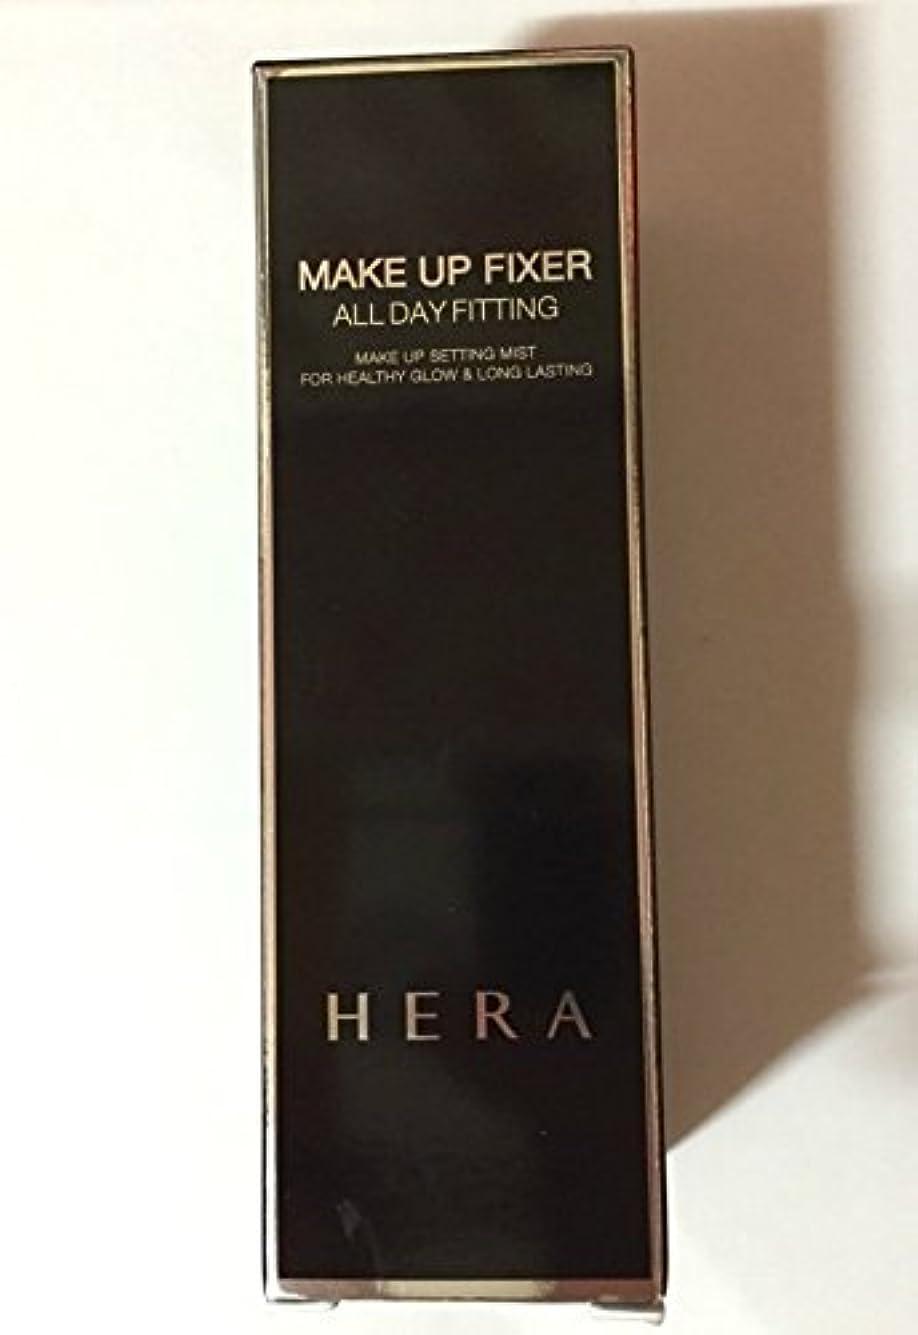 スプレーちらつきゲストヘラ(HERA) メイクアップフィクサーMAKE UP FIXER [001-MI] [並行輸入品]